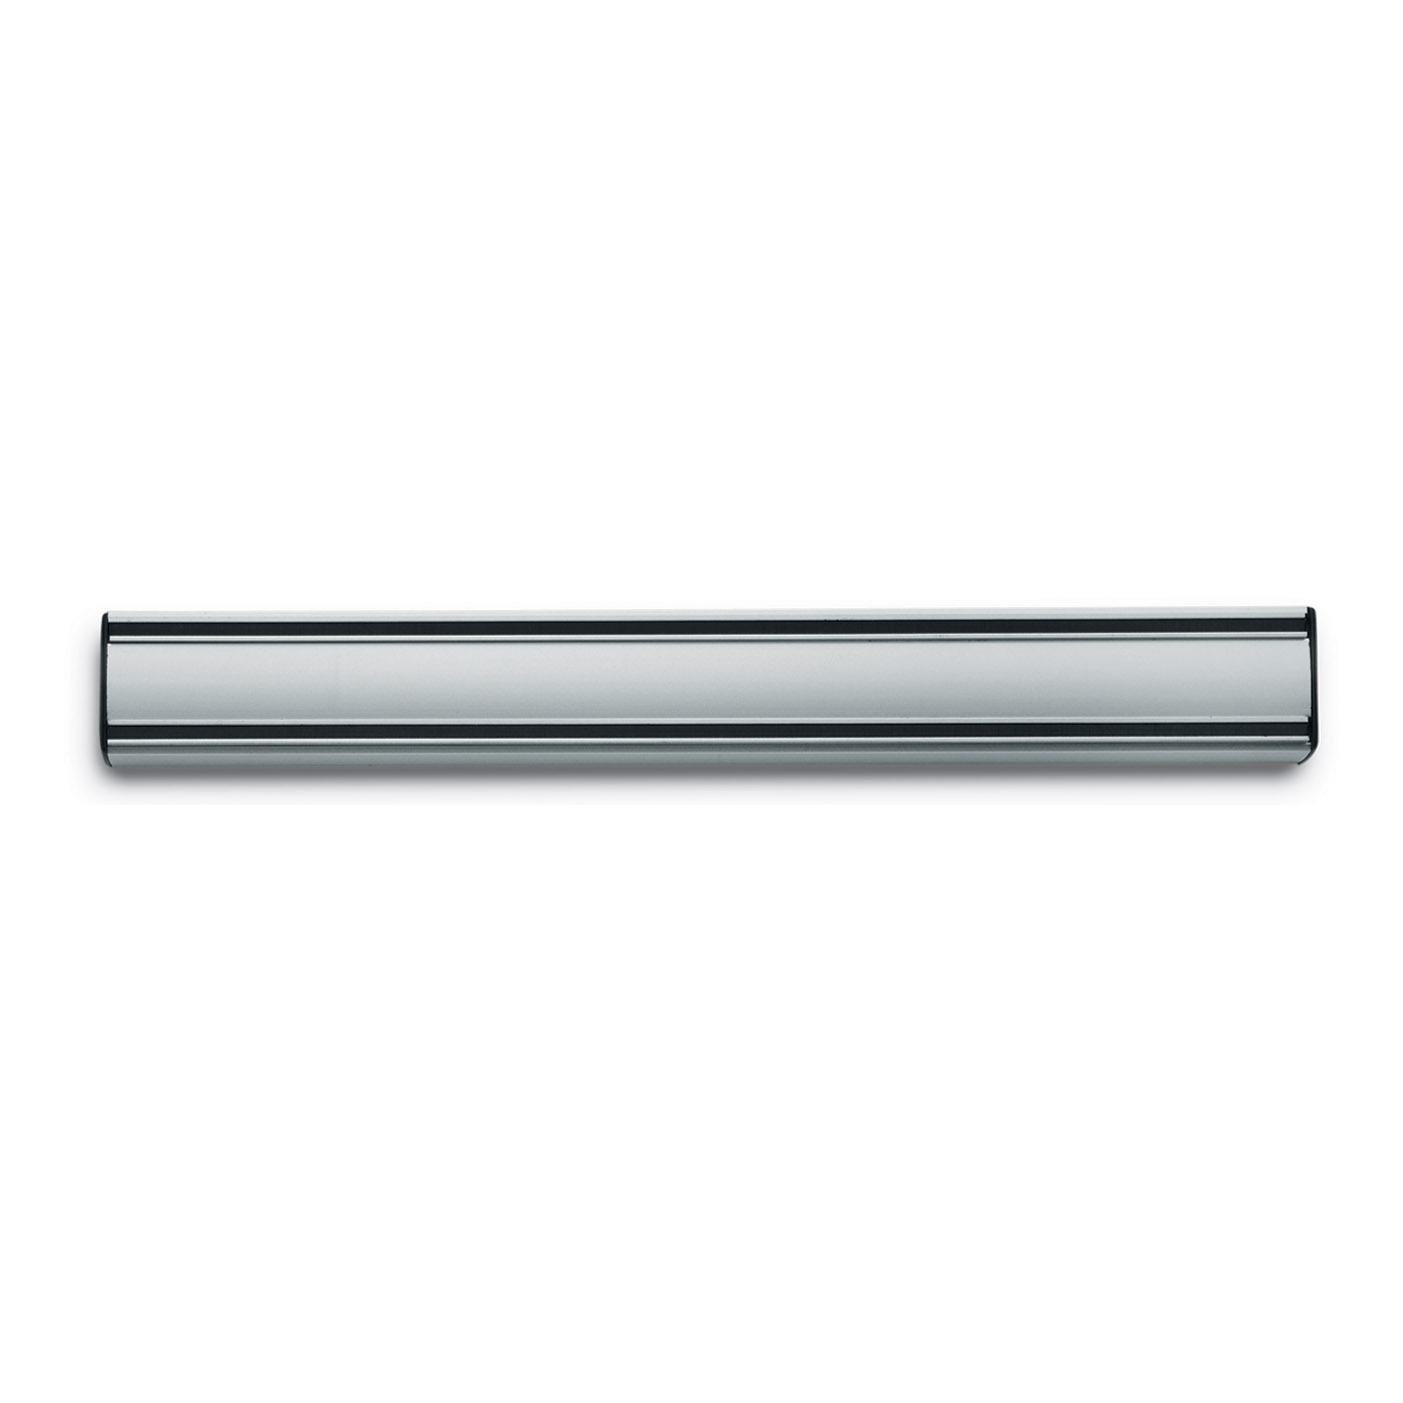 WÜSTHOF Magnetická lišta na nože 50 cm stříbrná